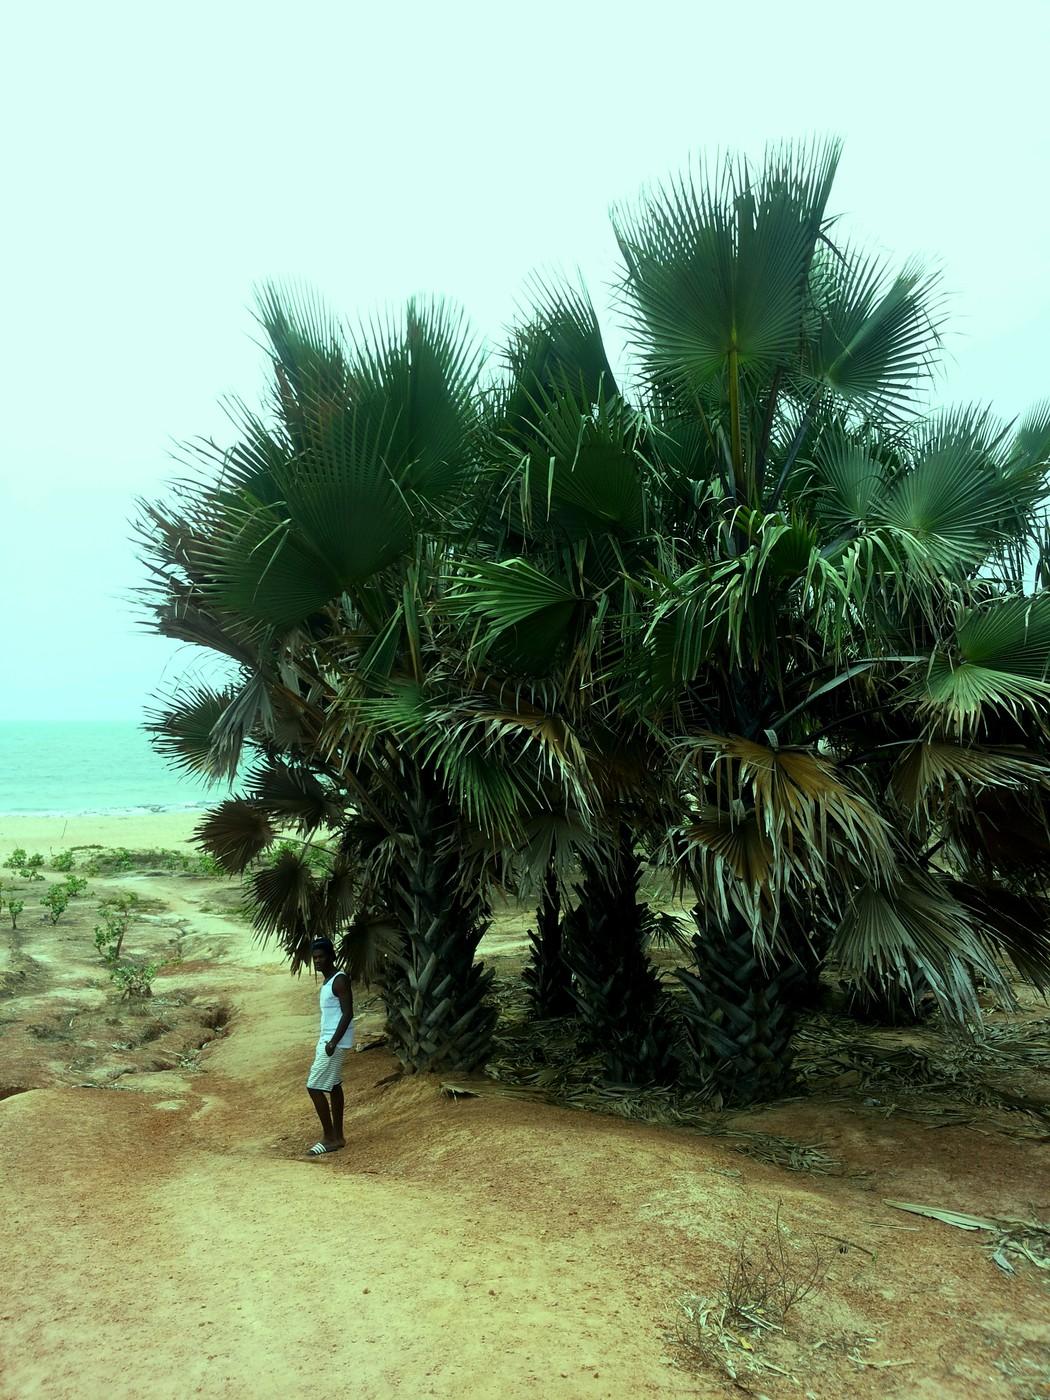 Juhannus Gambiassa -eikä kaduta